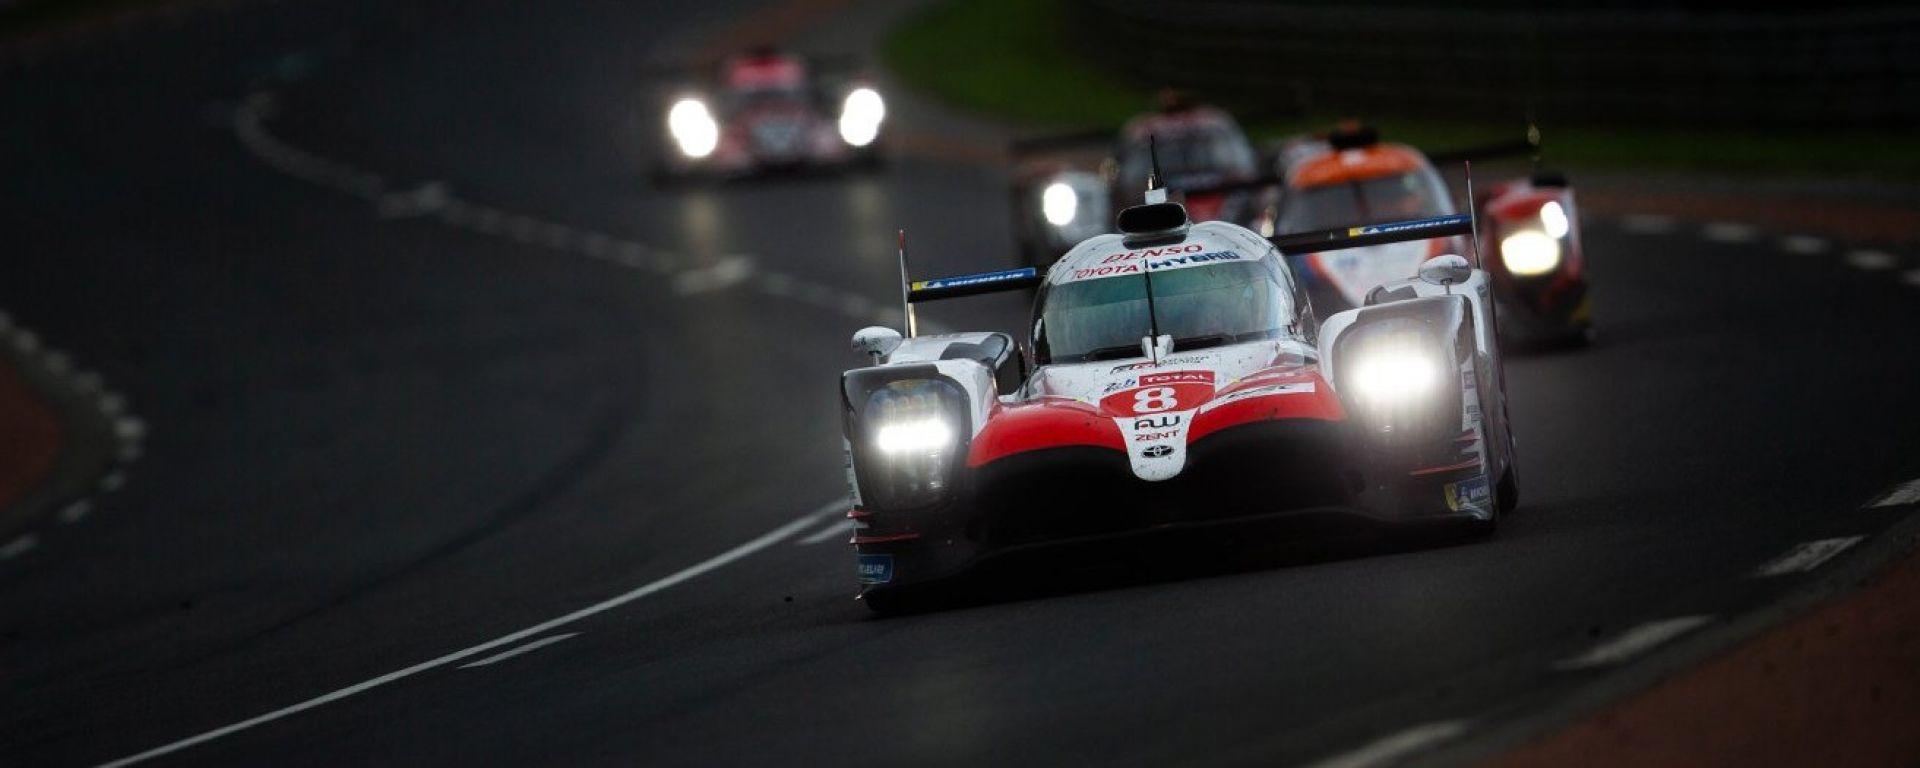 24 Ore di Le Mans: Alonso e Toyota, maledizione finita! Che dominio!